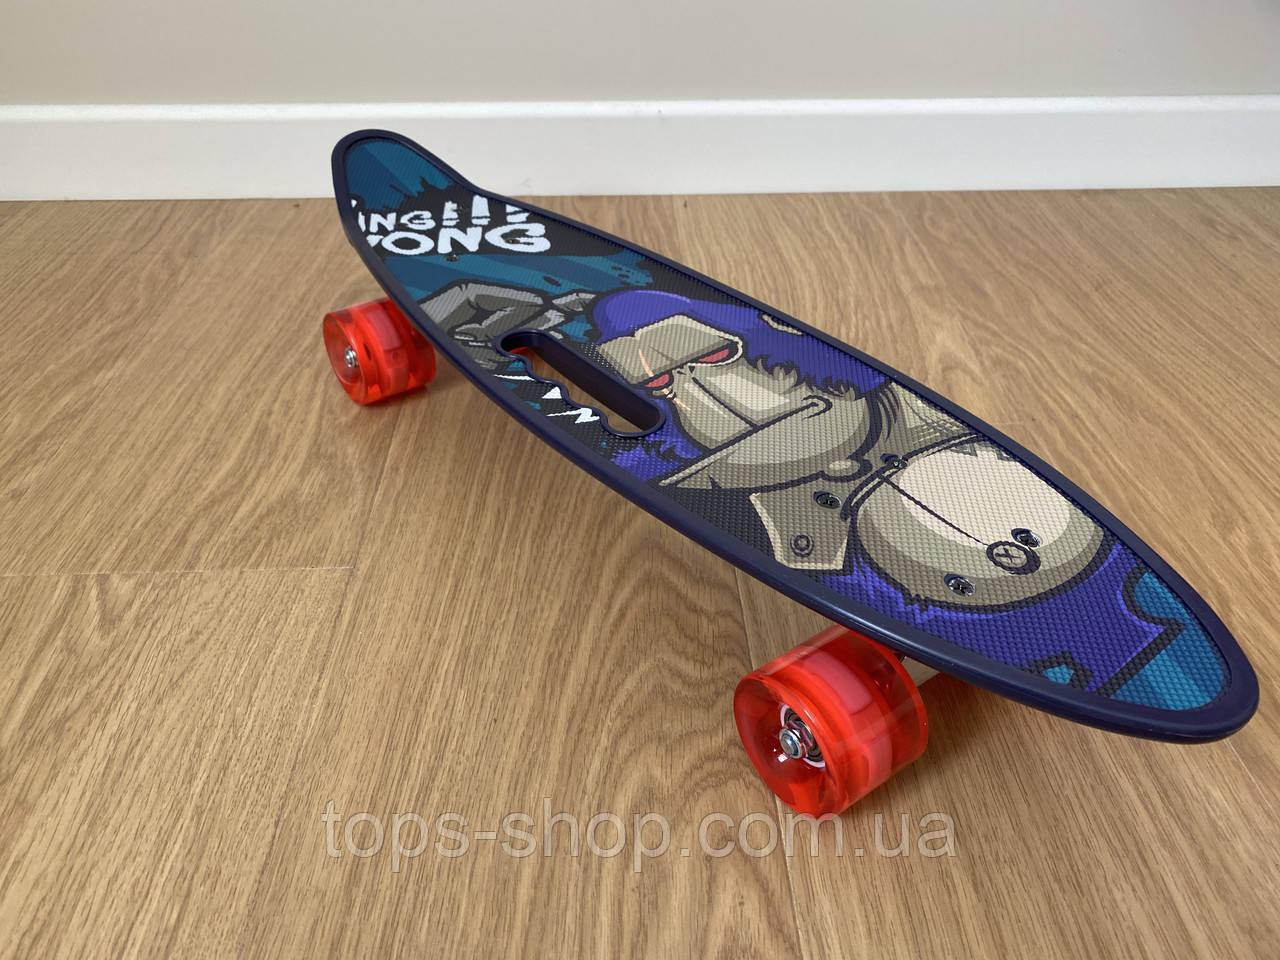 Скейт Penny Board, із широкими світлими колесами, з ручкою, Пенні борд, дитячий ,від 5 років, Синій Горила